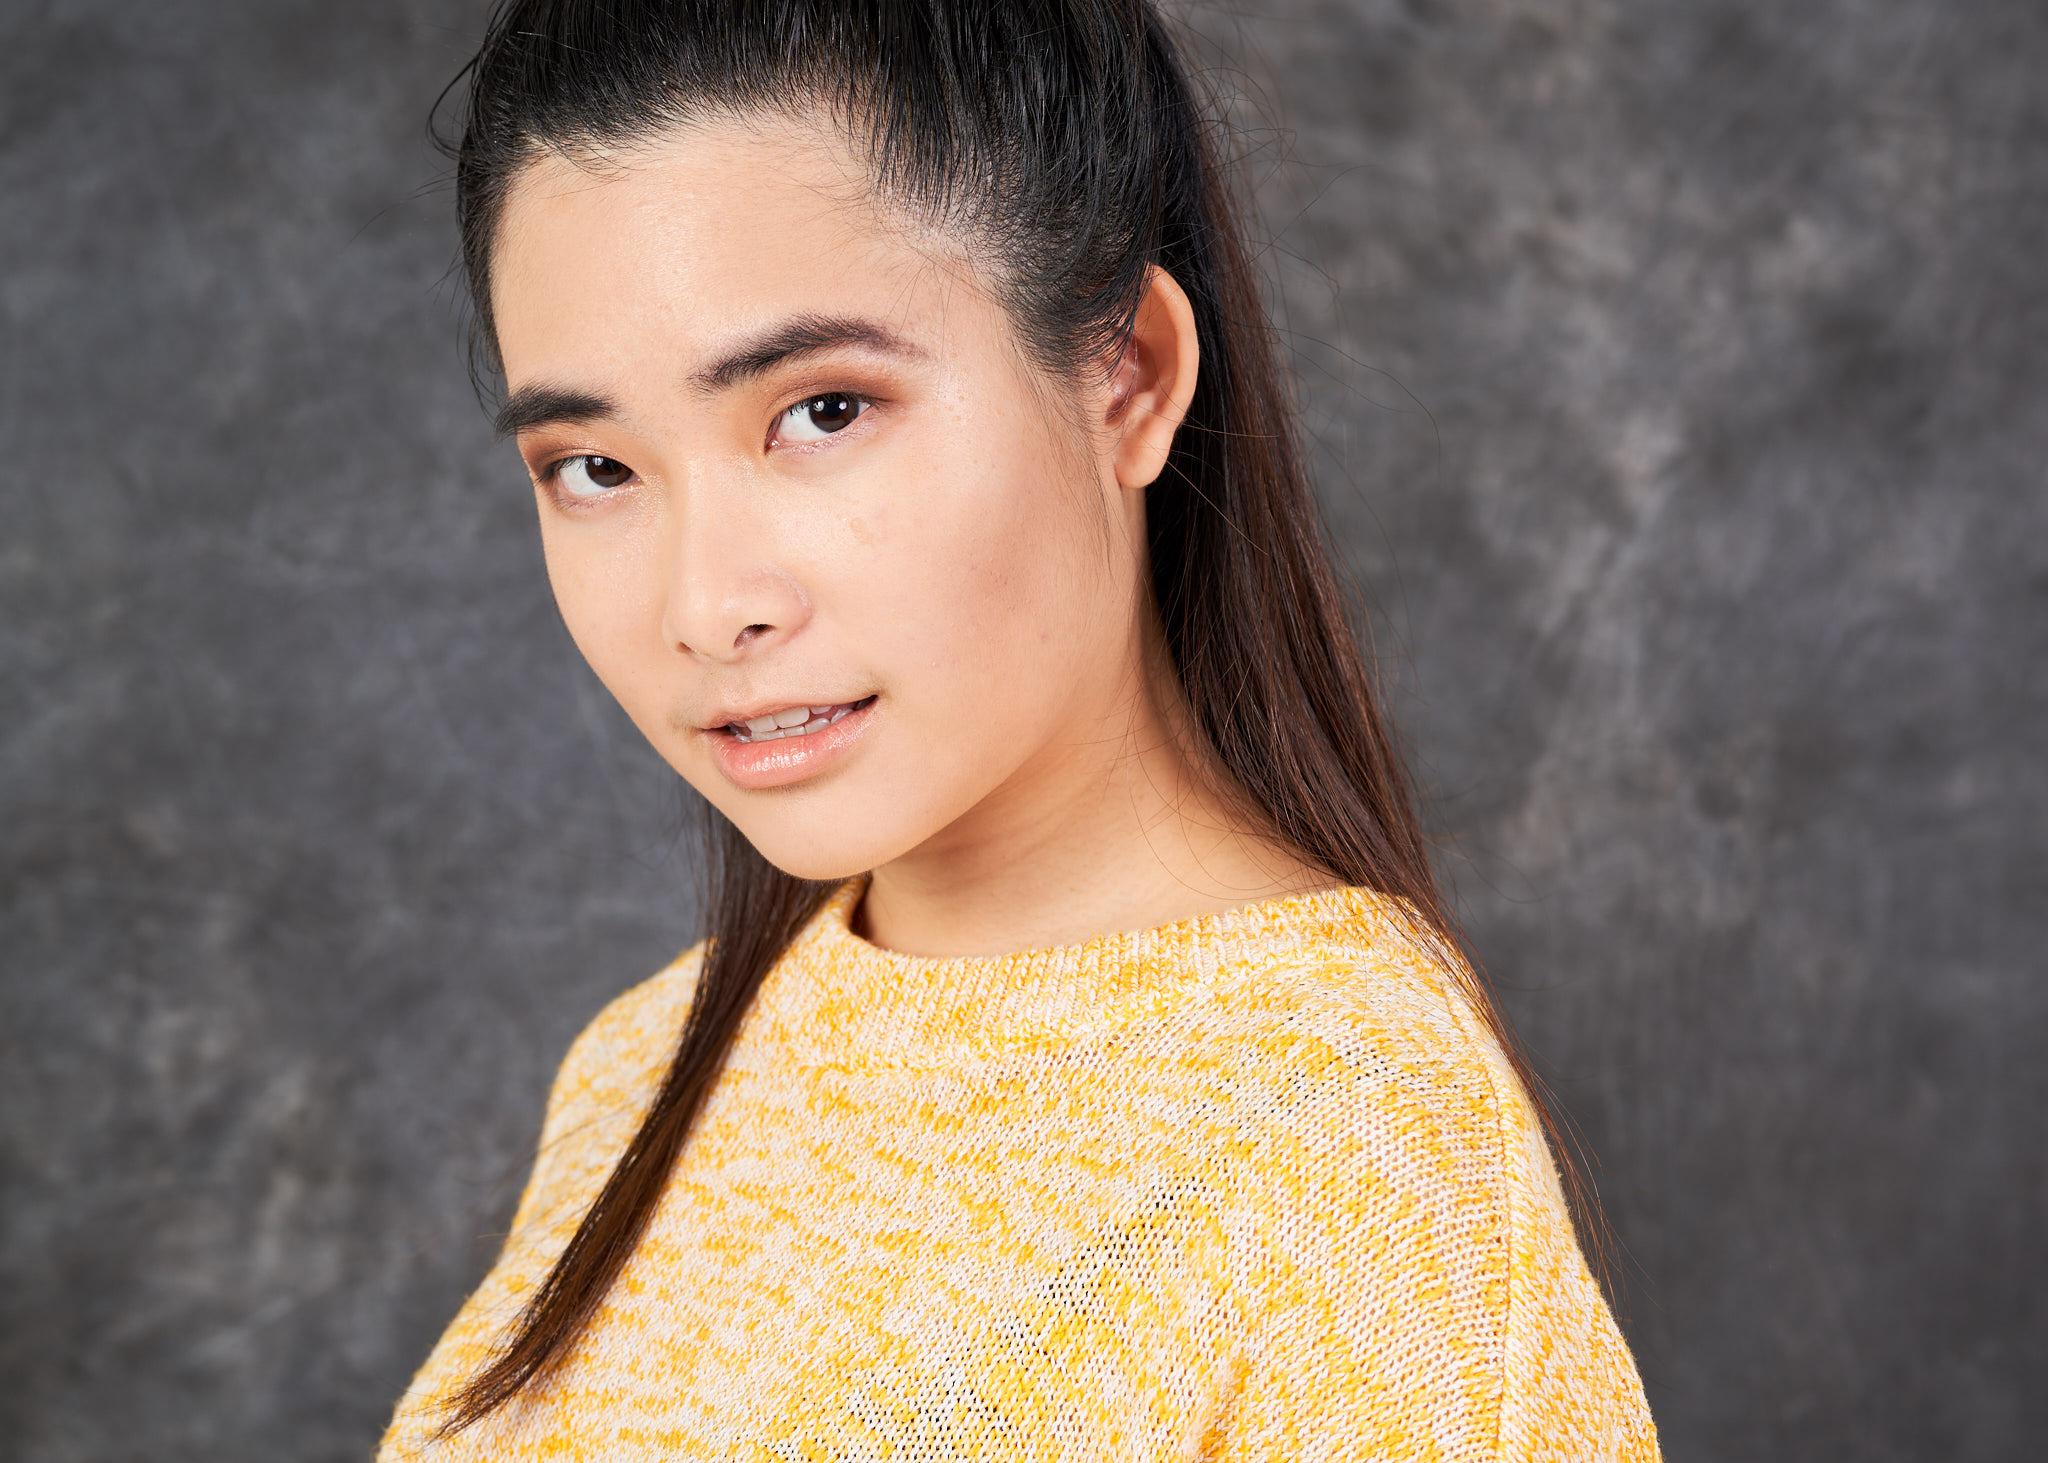 Emilia Lau - 2019-05-25 - Best 9.jpg